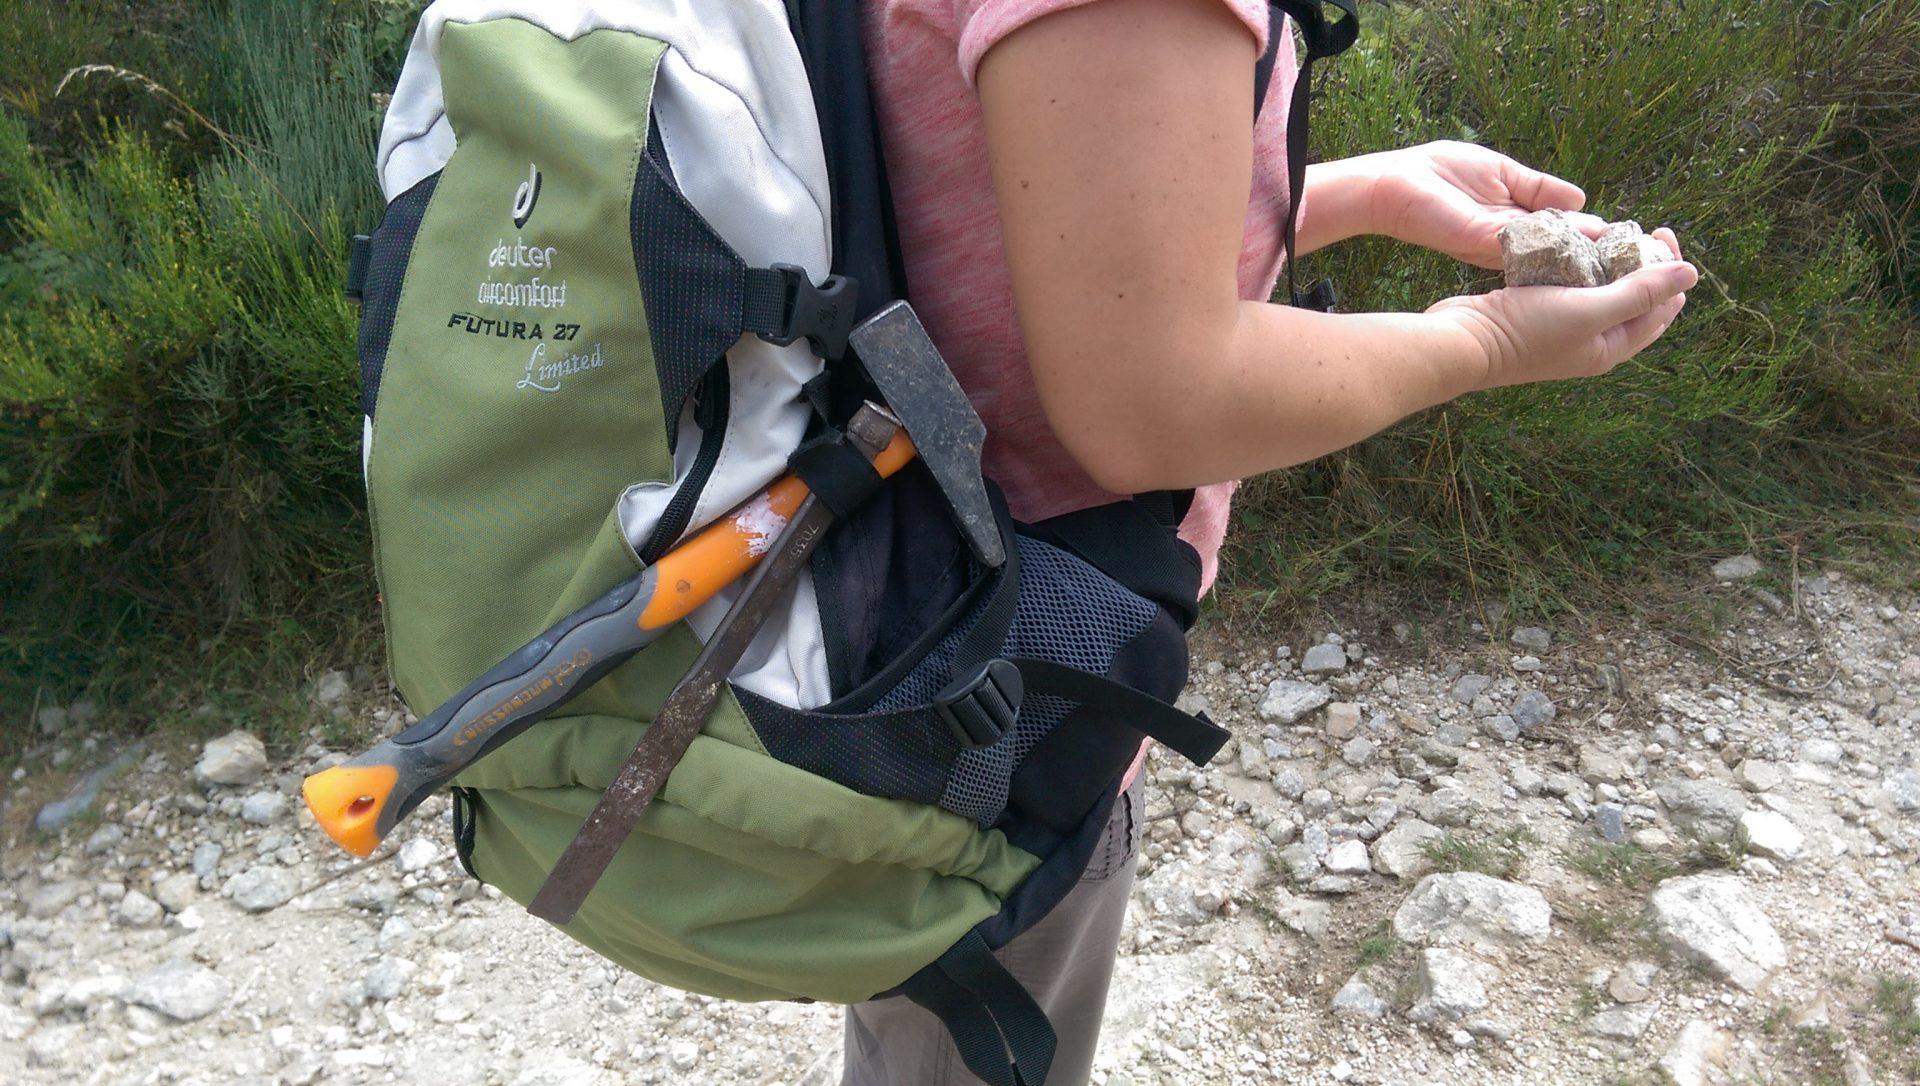 Vous reprendrez bien un peu de concassé de basalte - Crédit photo izart.fr